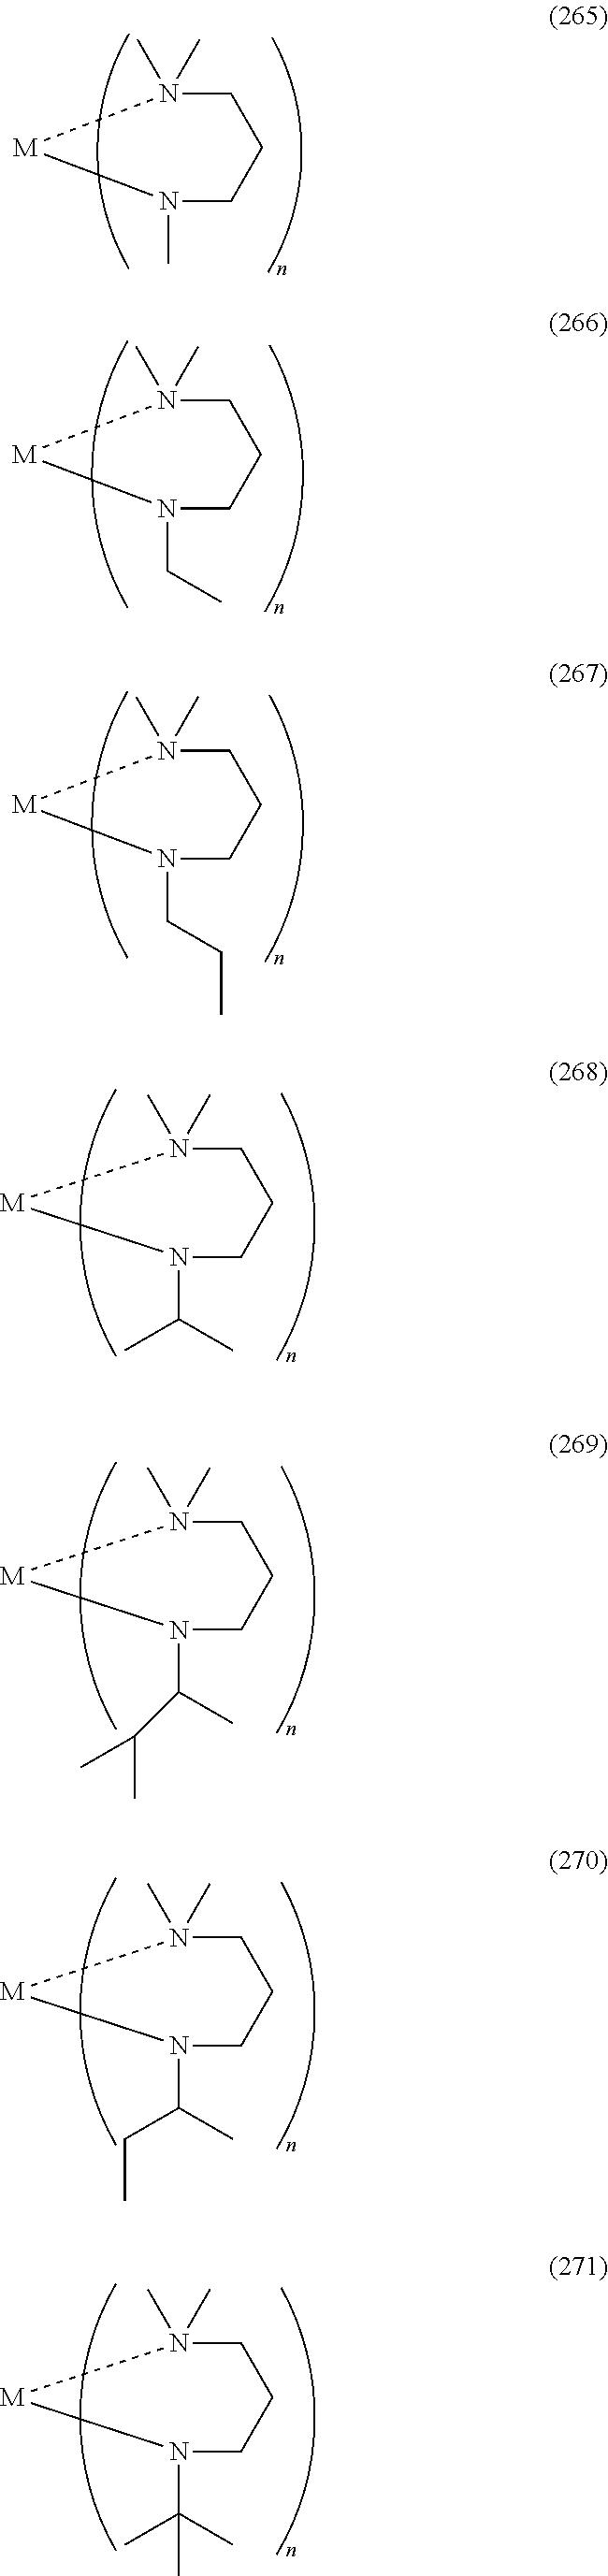 Figure US08871304-20141028-C00053